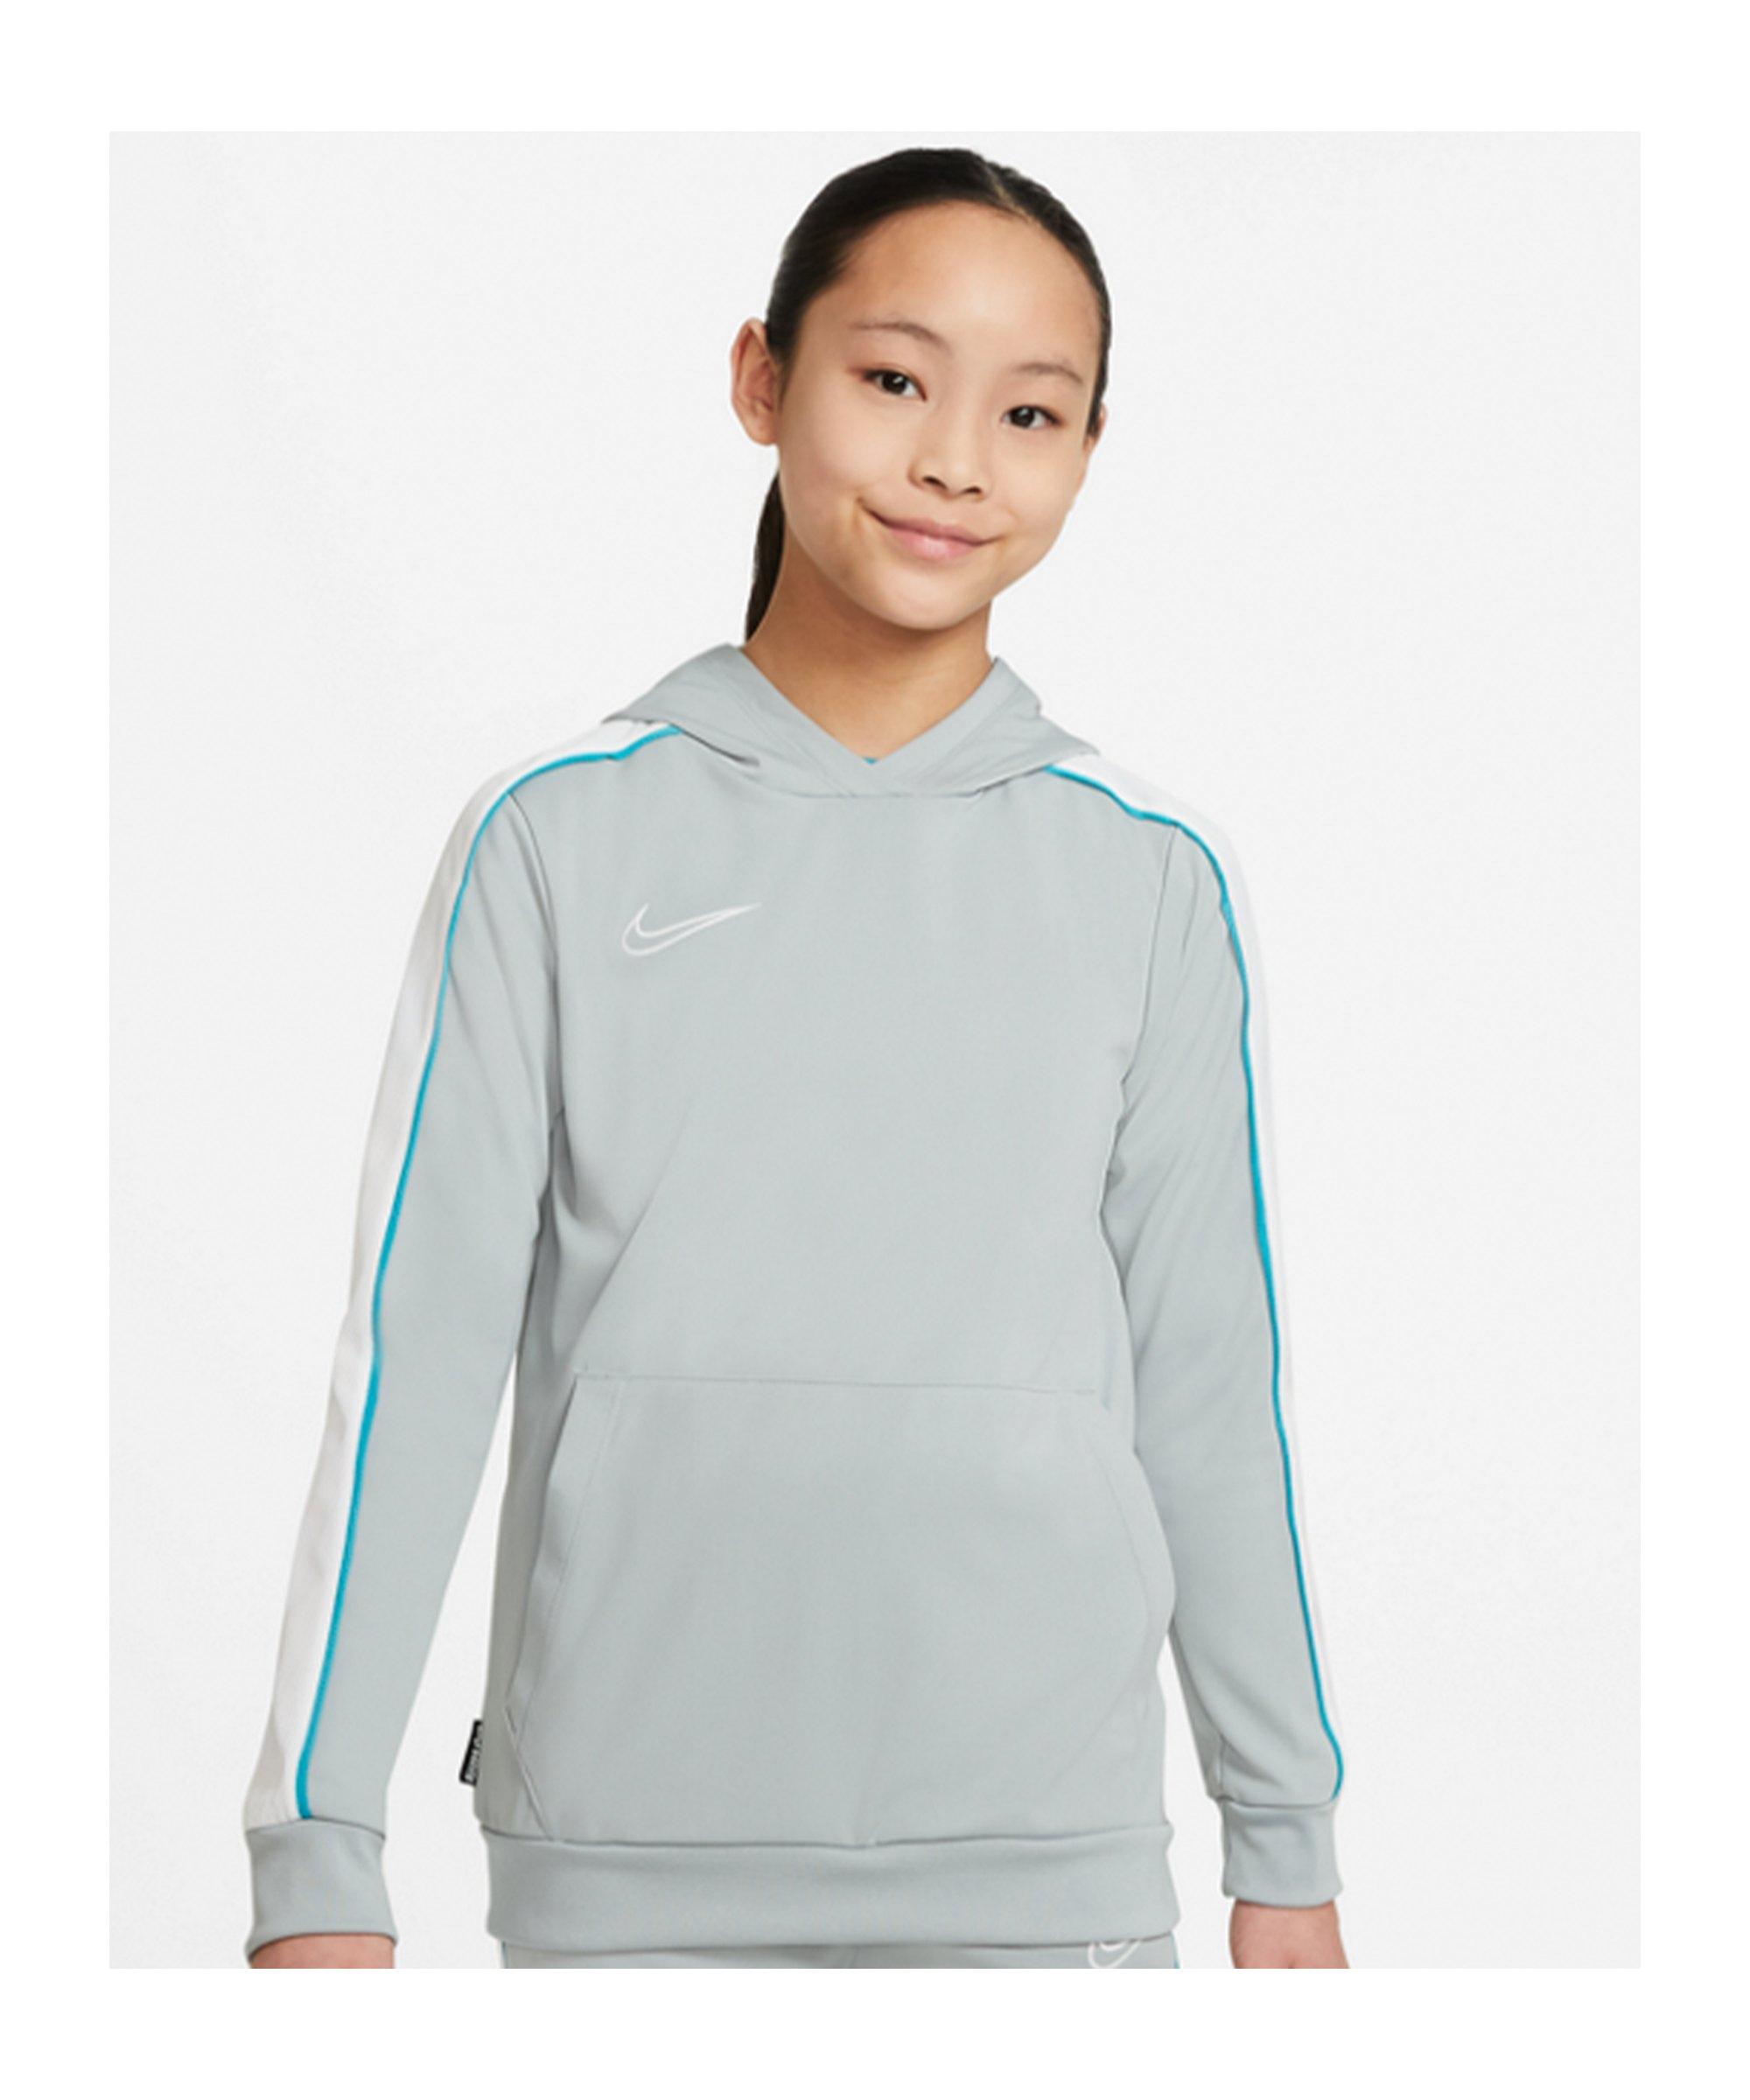 Nike Academy Dri-FIT Hoody Joga Bonito Kids F019 - grau